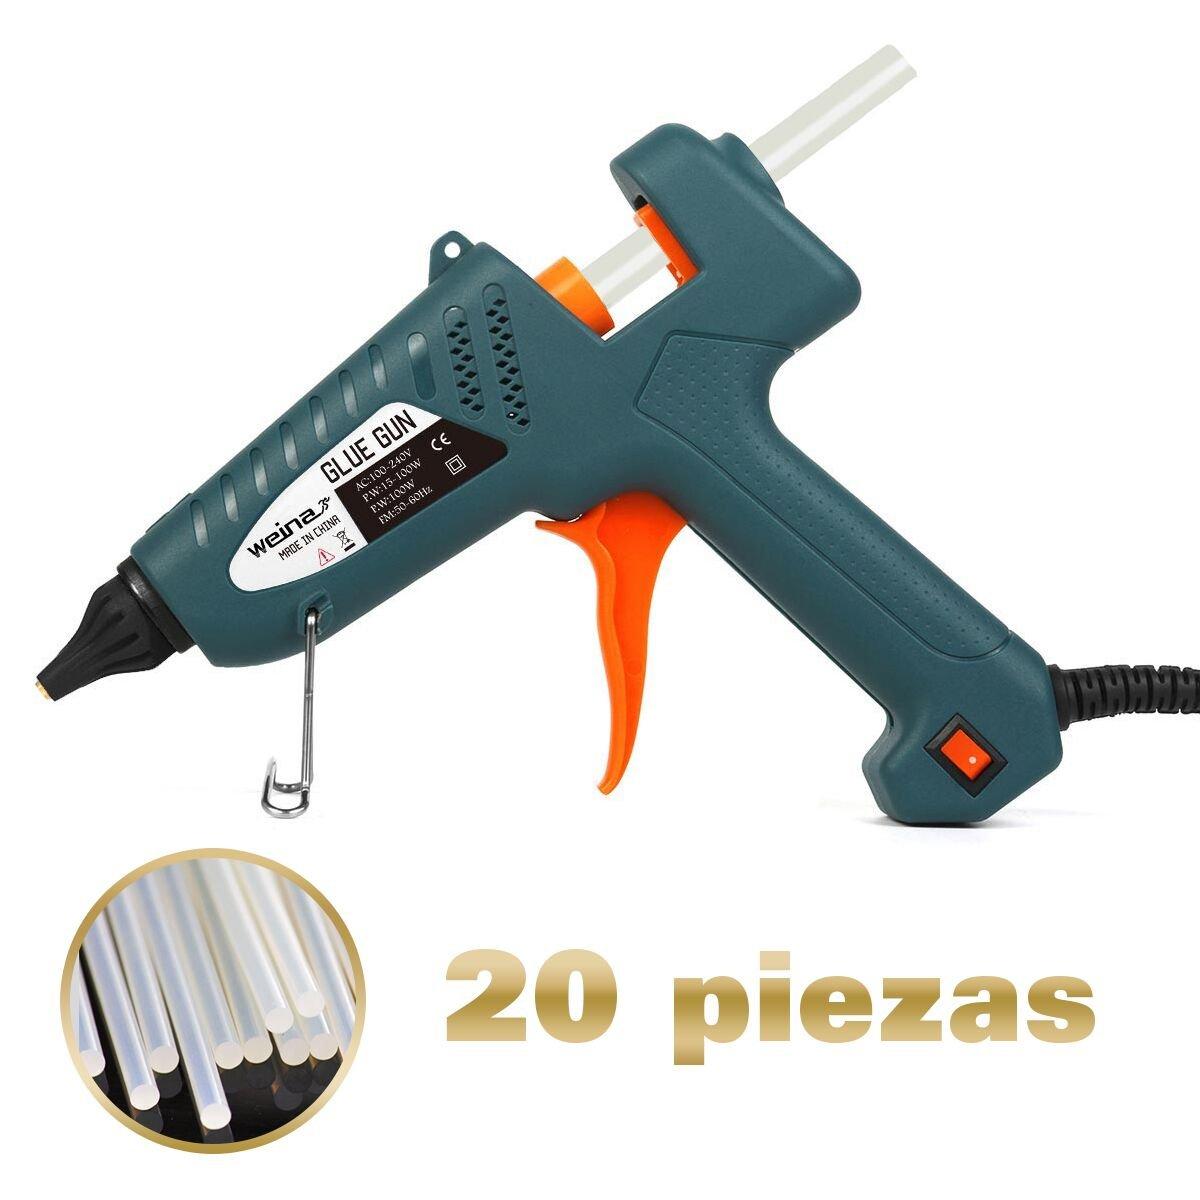 WEINAS 100-Watt Industriale Pistola Colla a Caldo Alta Temperatura Professionale con 20pcs Colla St